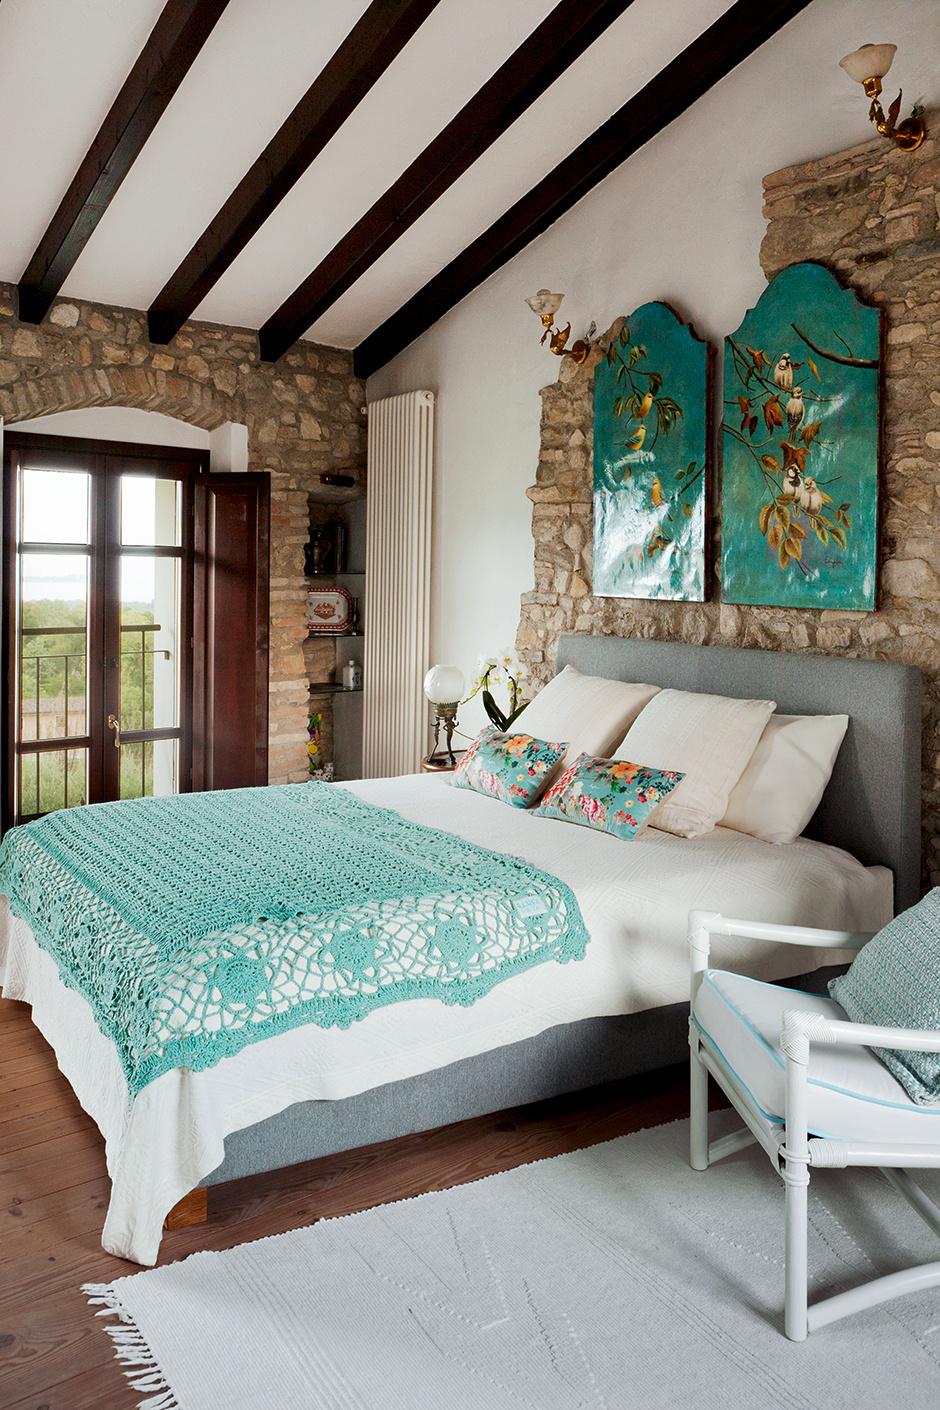 Уютный дом в Италии уютный дом в италии Уютный дом в Италии от Жени Ждановой  1 7f32f42a92f0848511cb4ab5e19b0f78  0xc35dbb80 3330318201499246542